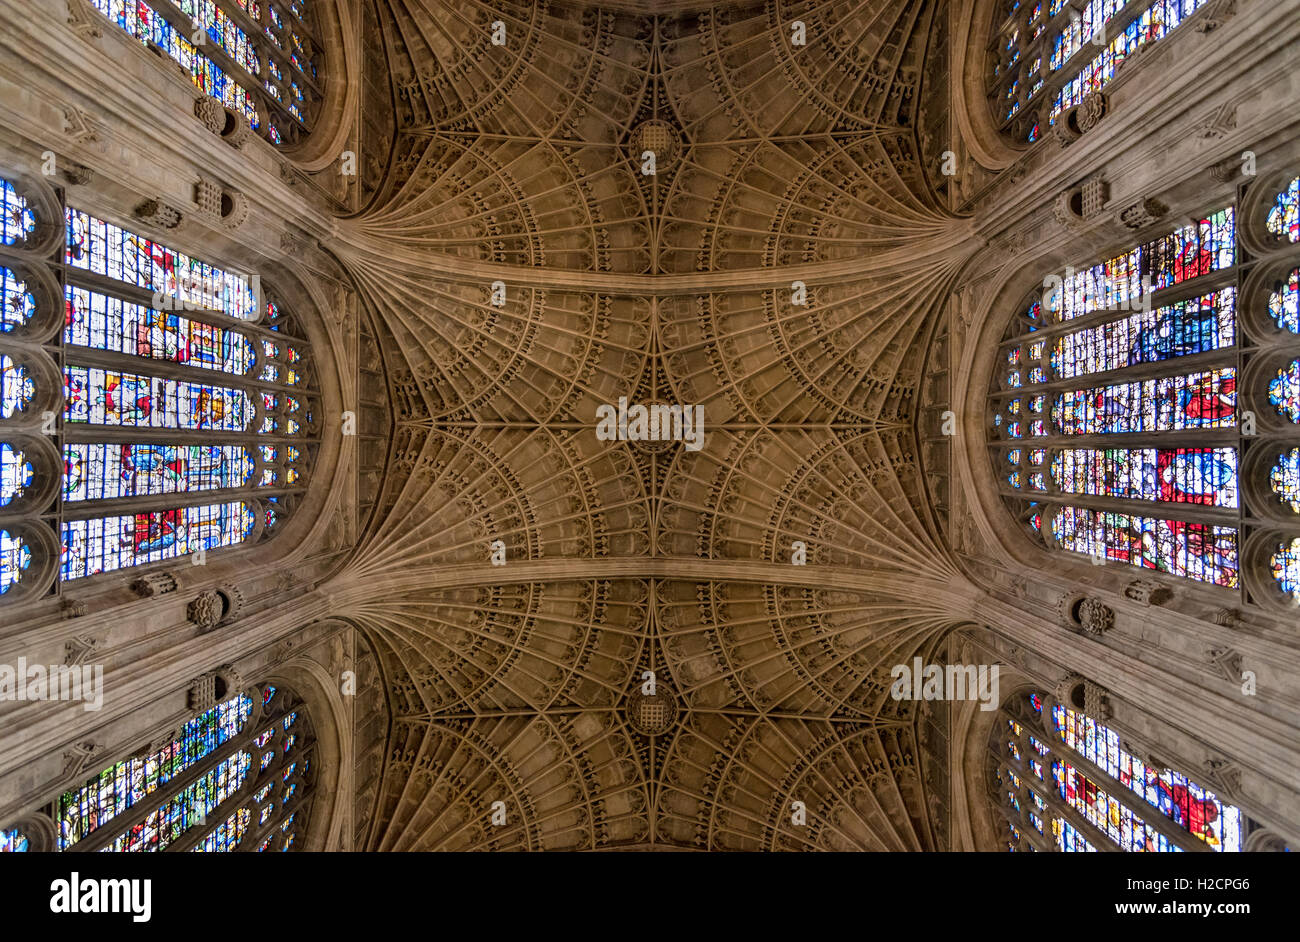 Techo de la capilla de King's College, Universidad de Cambridge, mostrando el ventilador medieval bóvedas. Foto de stock